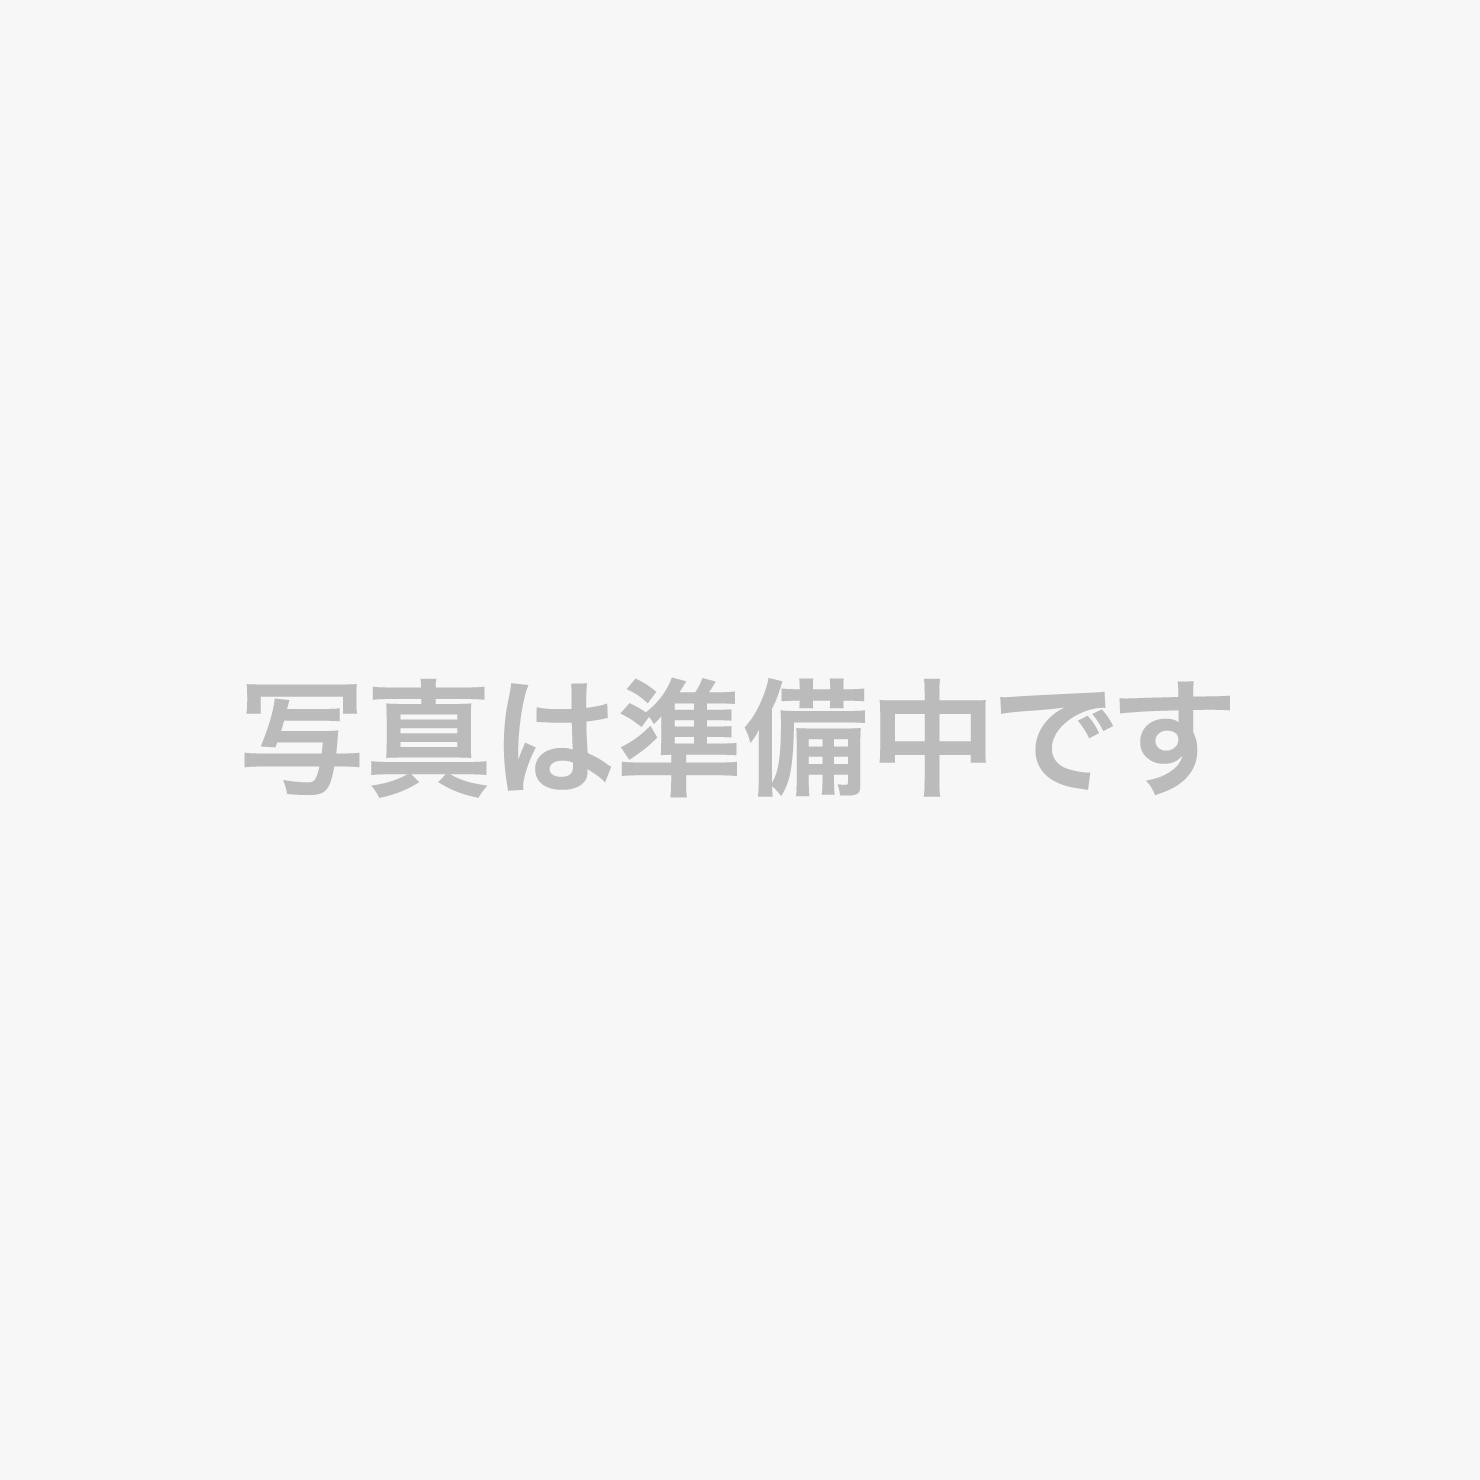 シャンプー、コンディショナー、ボディソープ(資生堂)